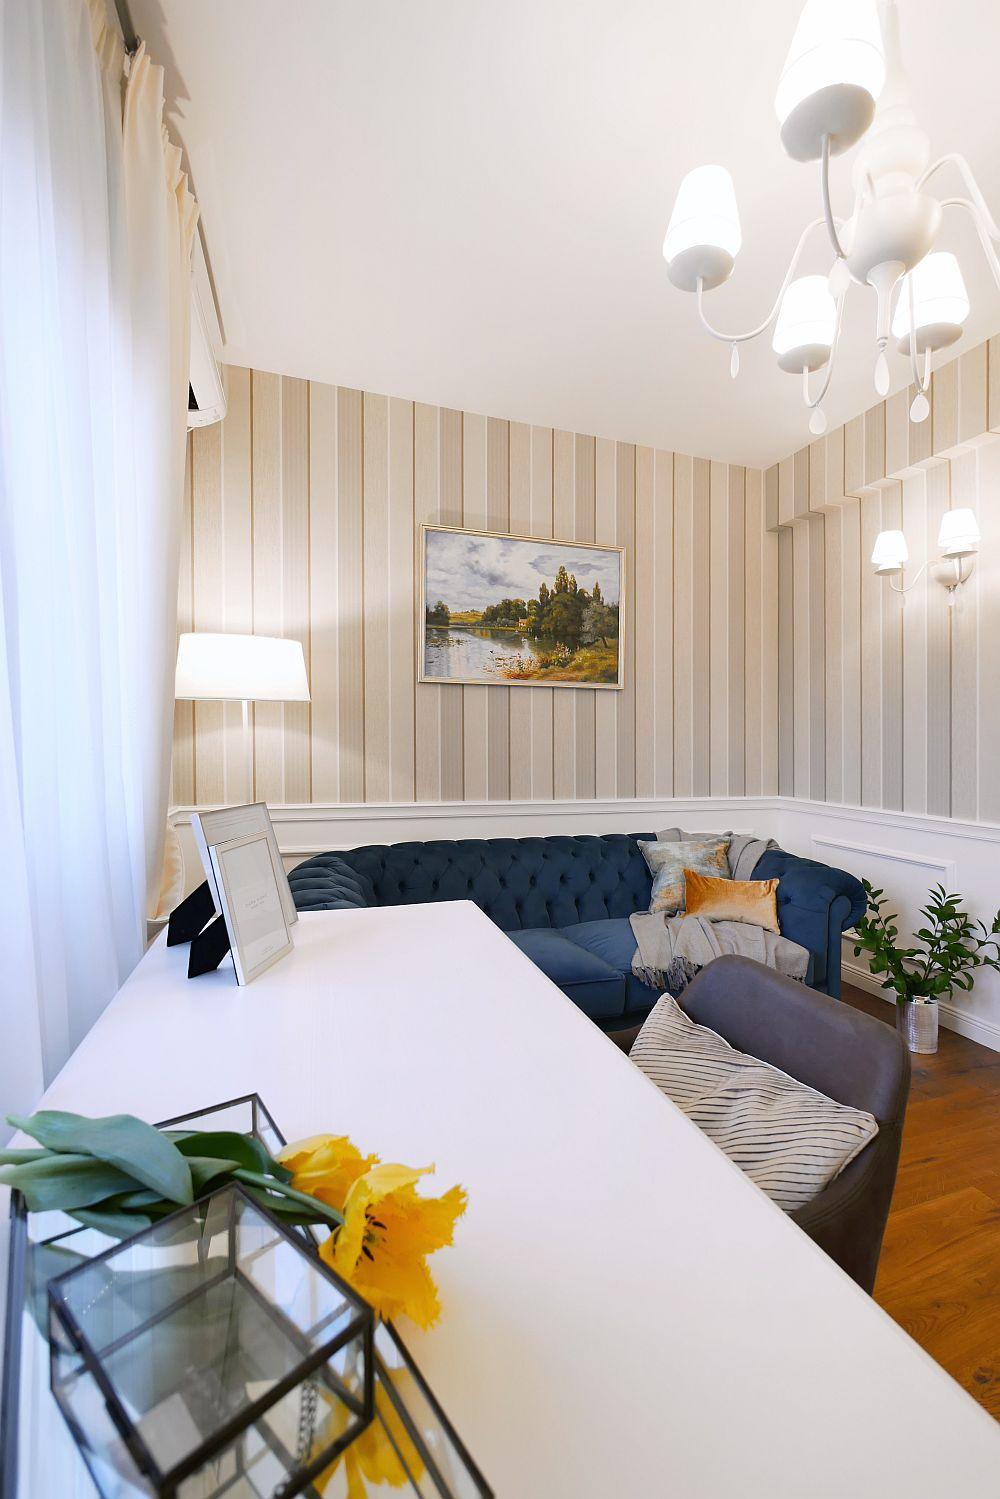 Camera dedicată biroului poate fi folosită la nevoie și ca încăpere pentru oaspeți, ca atare aici se găsește și o canapea extensibilă.